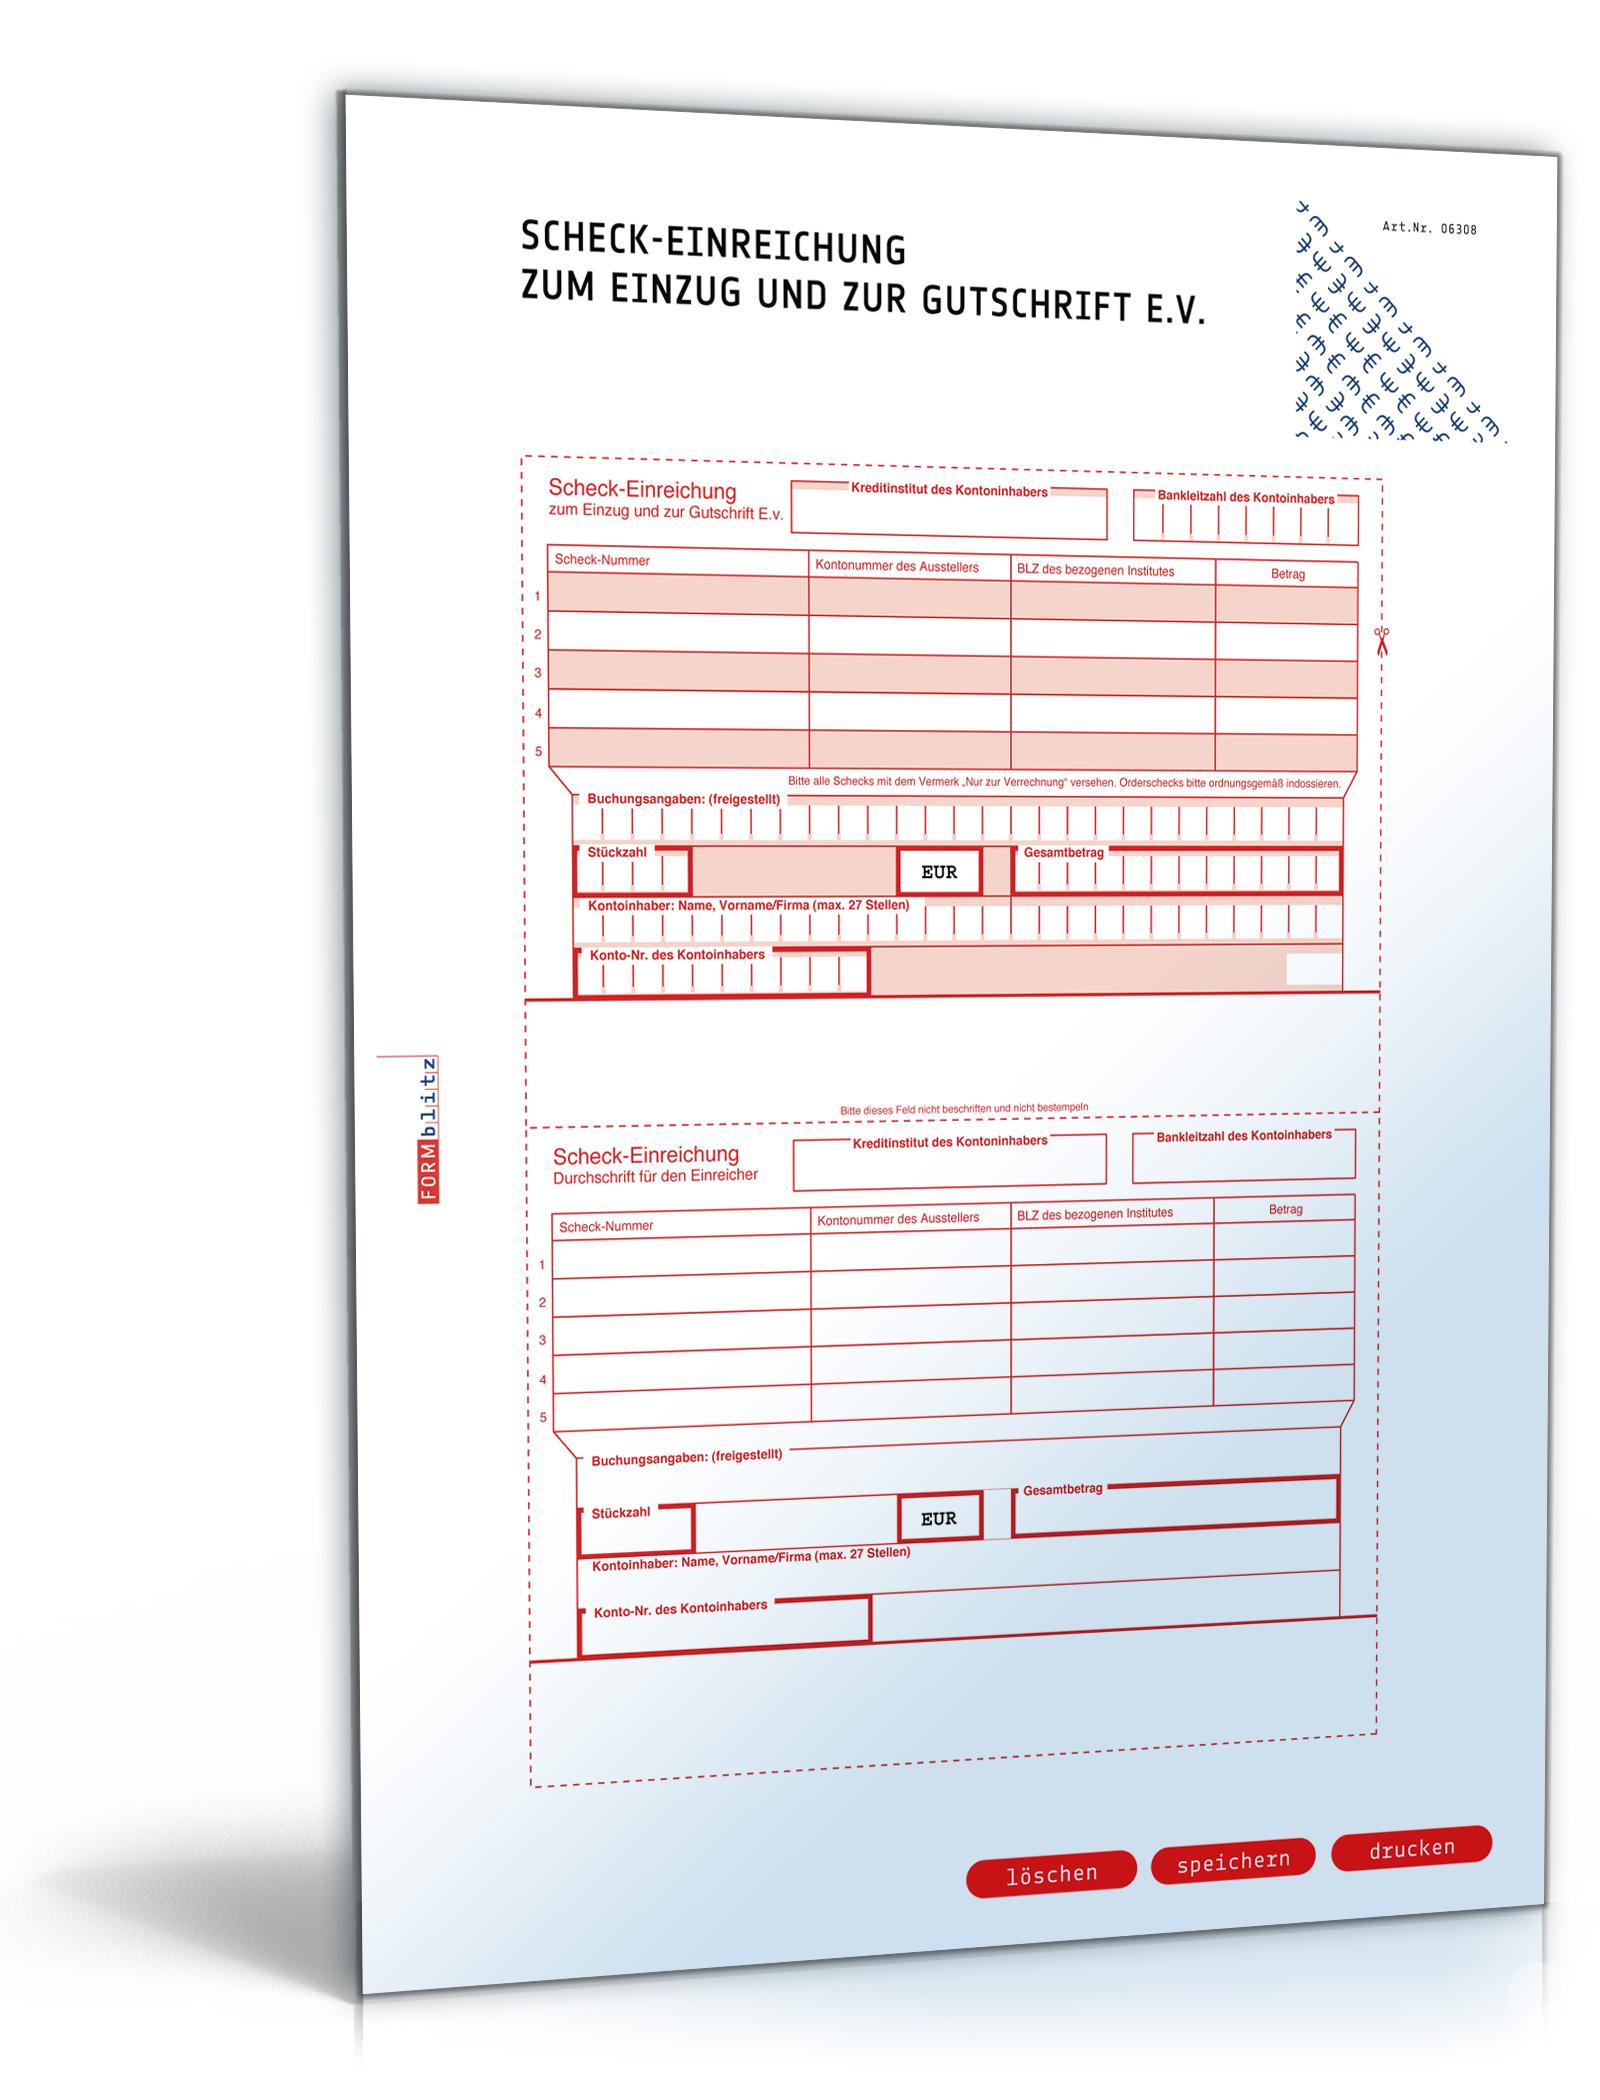 Bankformular Scheck-Einreichung zum Einzug und zur Gutschrift e.V. ⋆